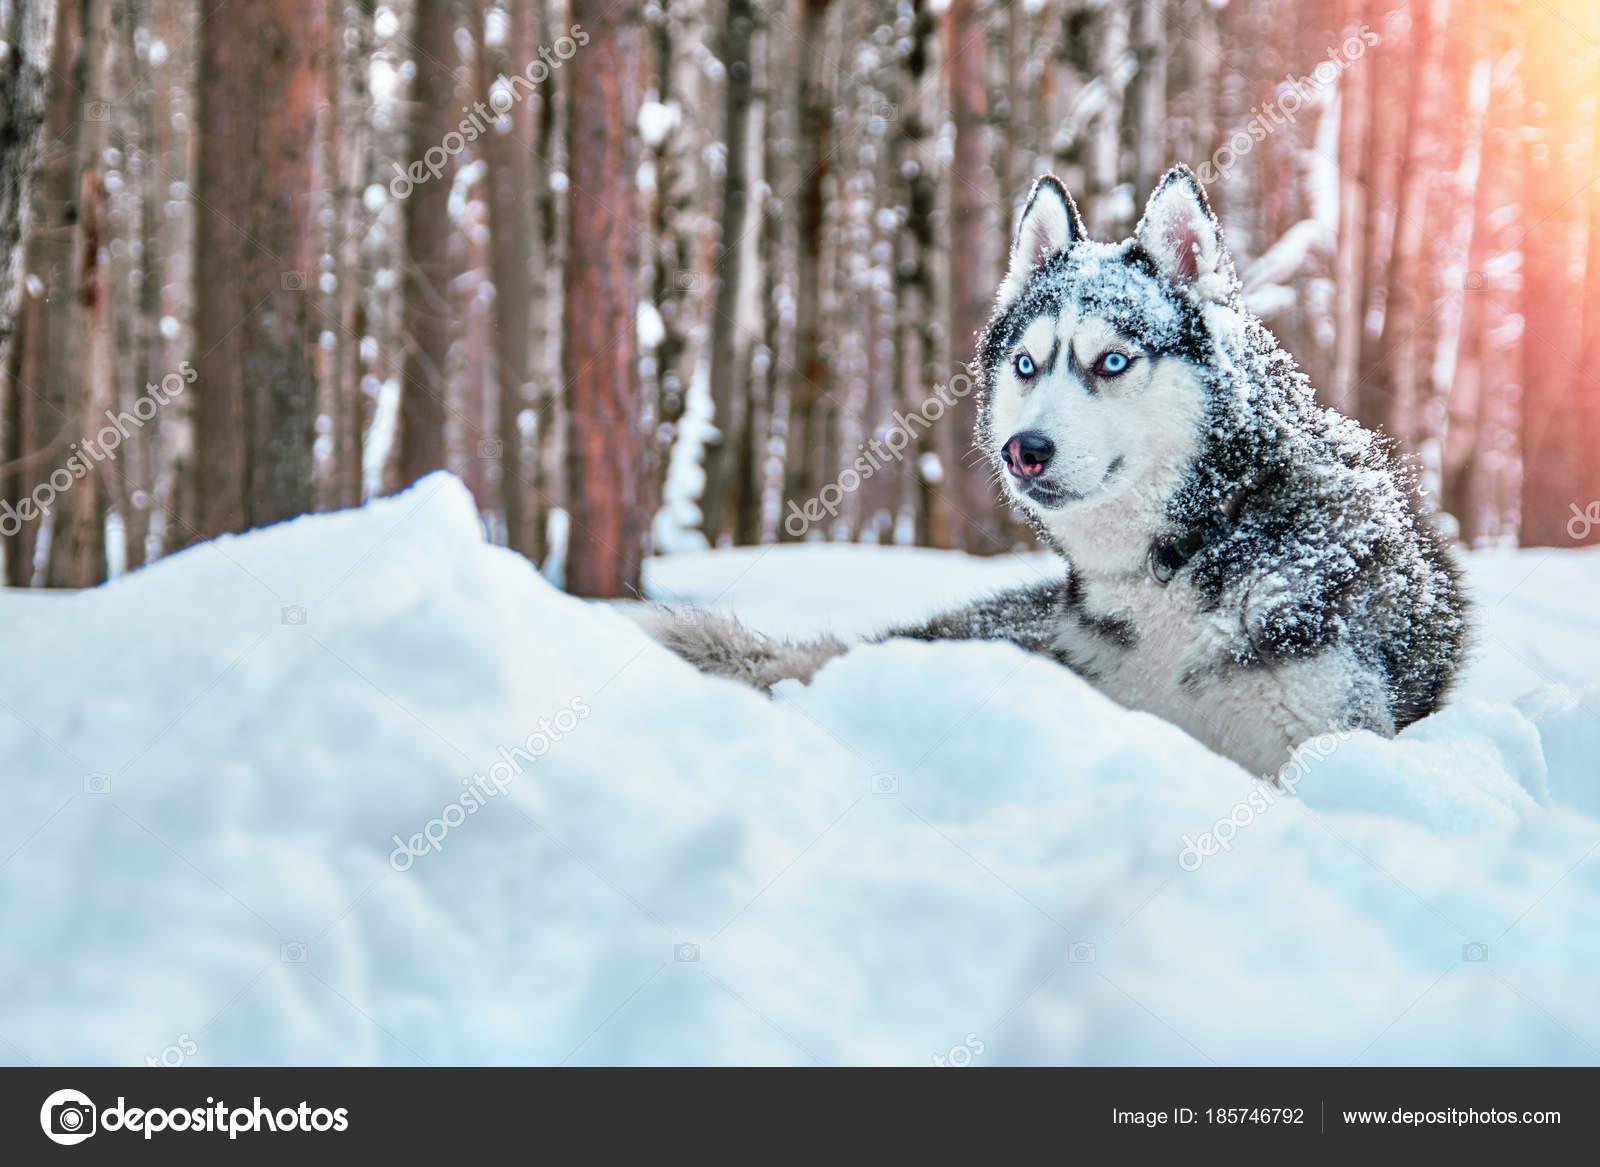 Nieve Azul Amigo Bonito Color De Siberian Husky Perro Blanco Y